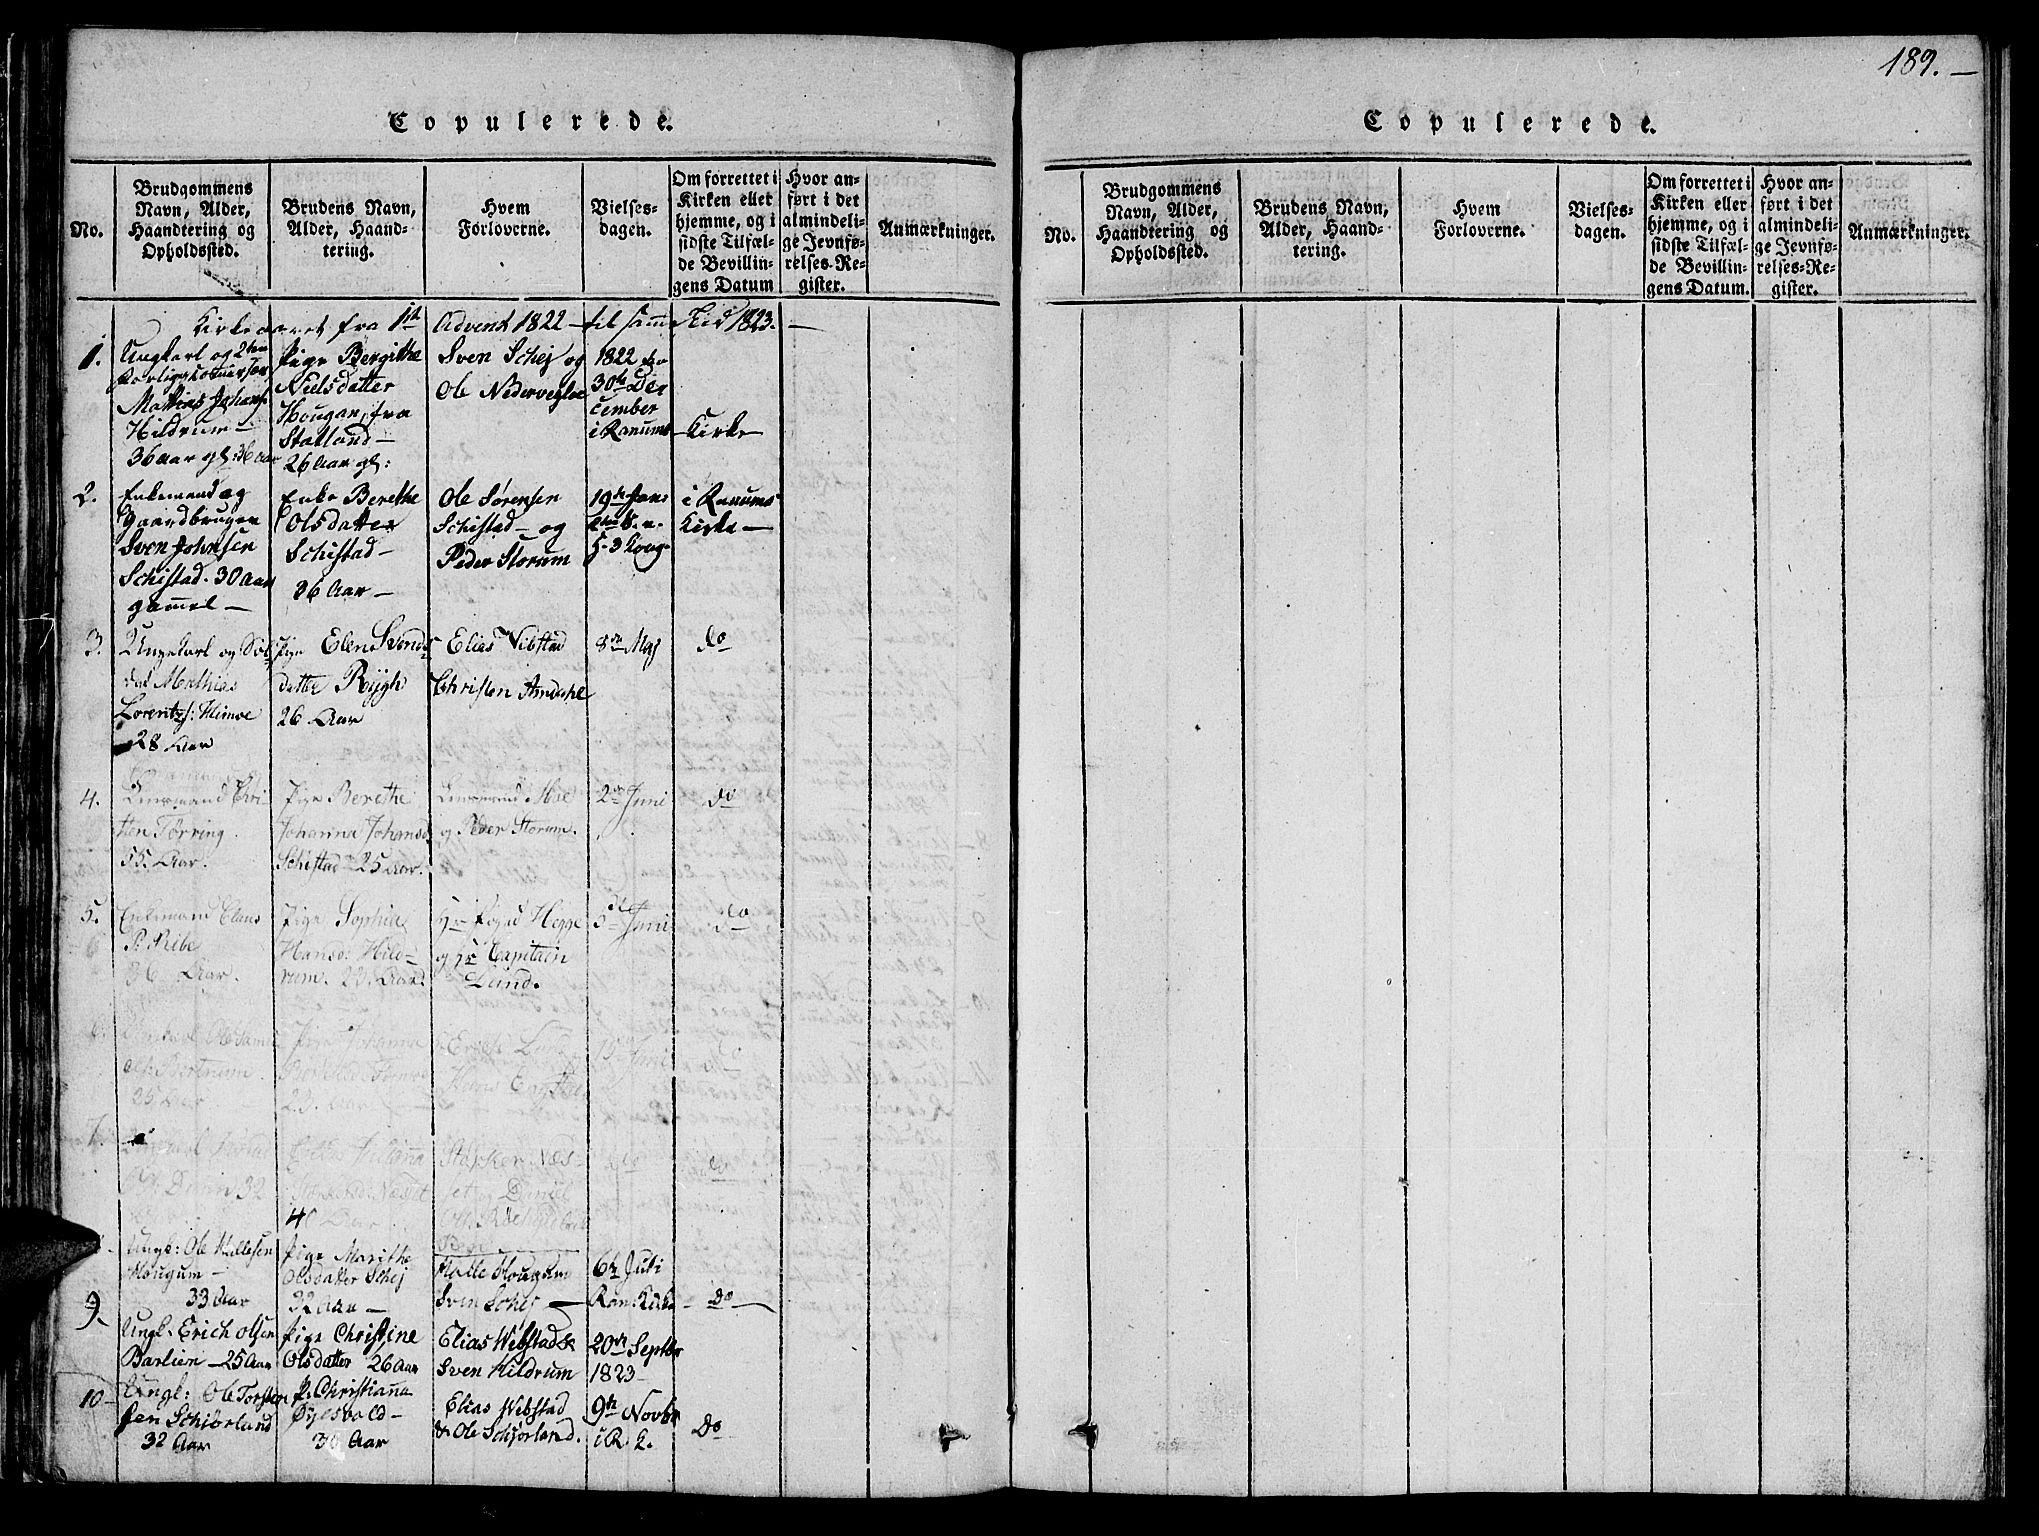 SAT, Ministerialprotokoller, klokkerbøker og fødselsregistre - Nord-Trøndelag, 764/L0559: Klokkerbok nr. 764C01, 1816-1824, s. 189